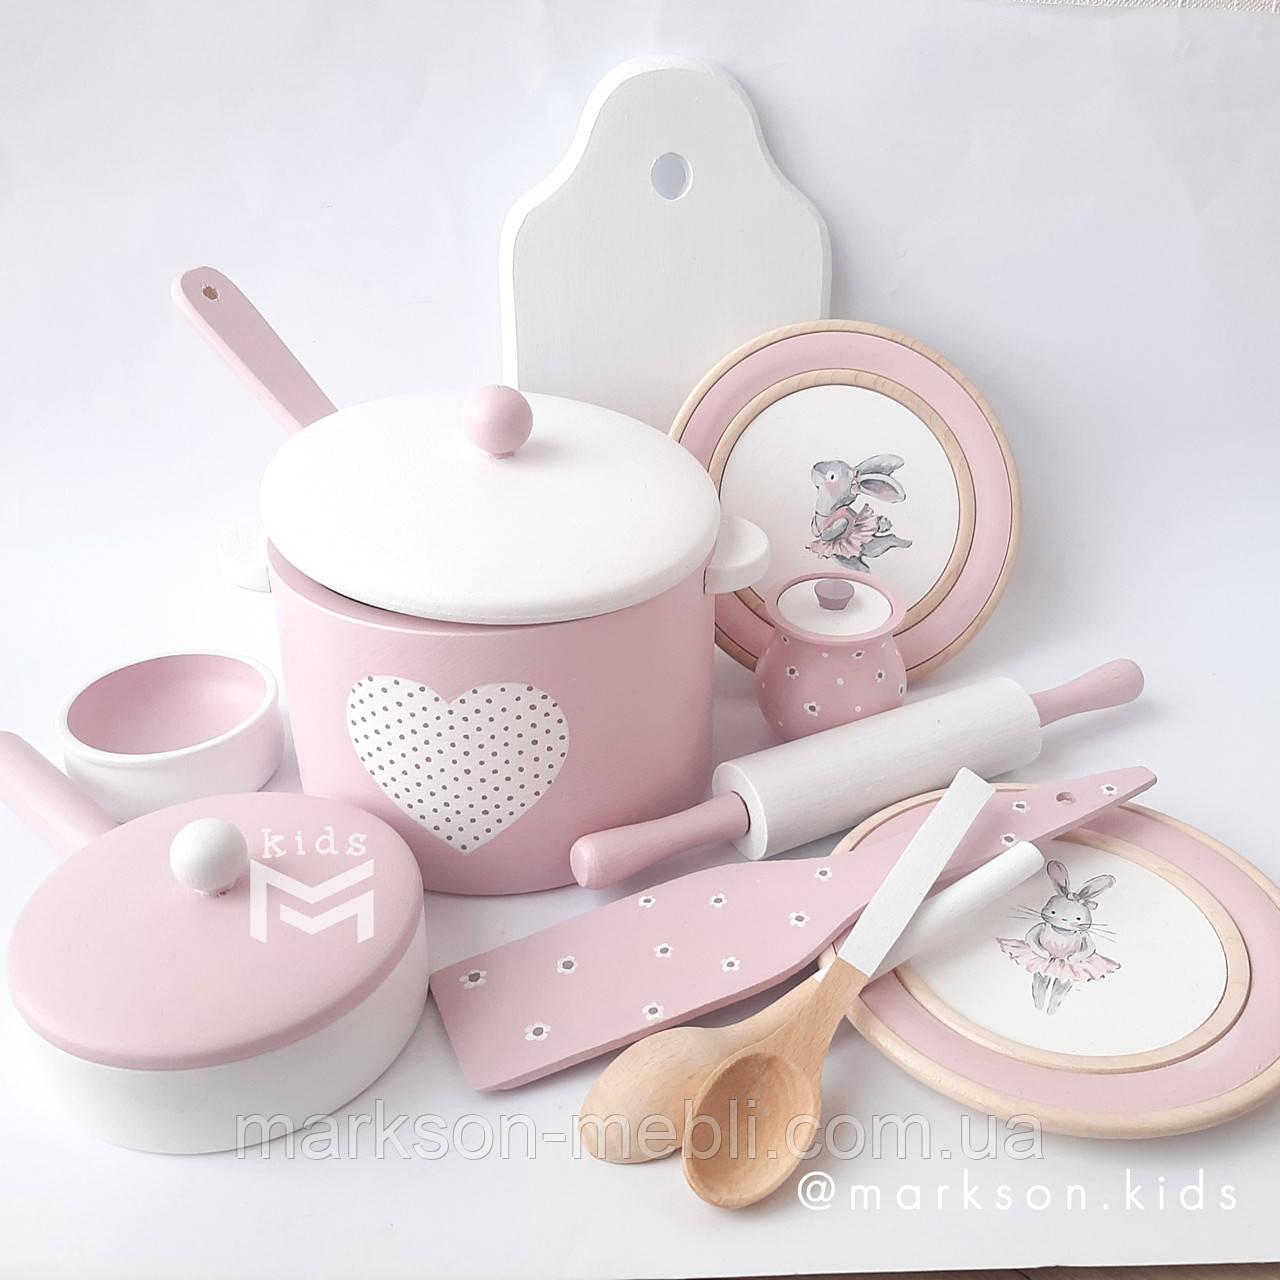 Іграшковий посуд Markson kids -  Балеринки - Столовий набір